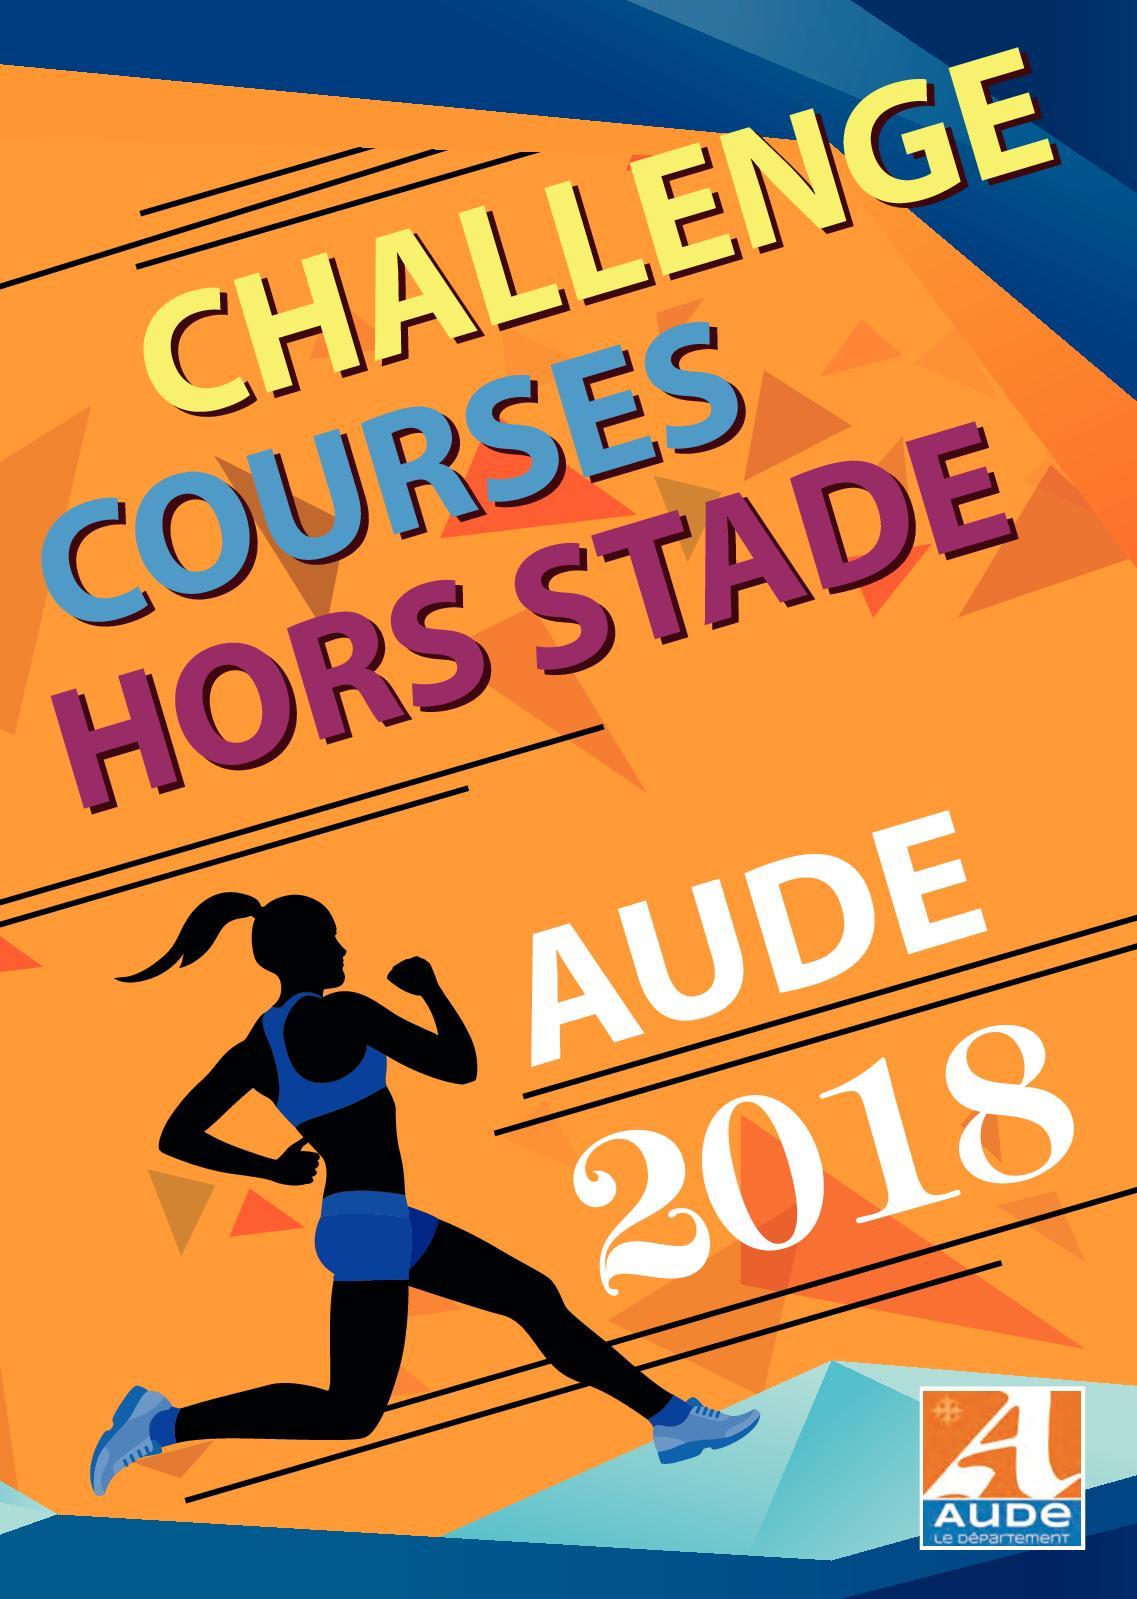 Calendrier Des Courses Hors Stade.Calameo Courses Hors Stade Dans L Aude Calendrier 2018